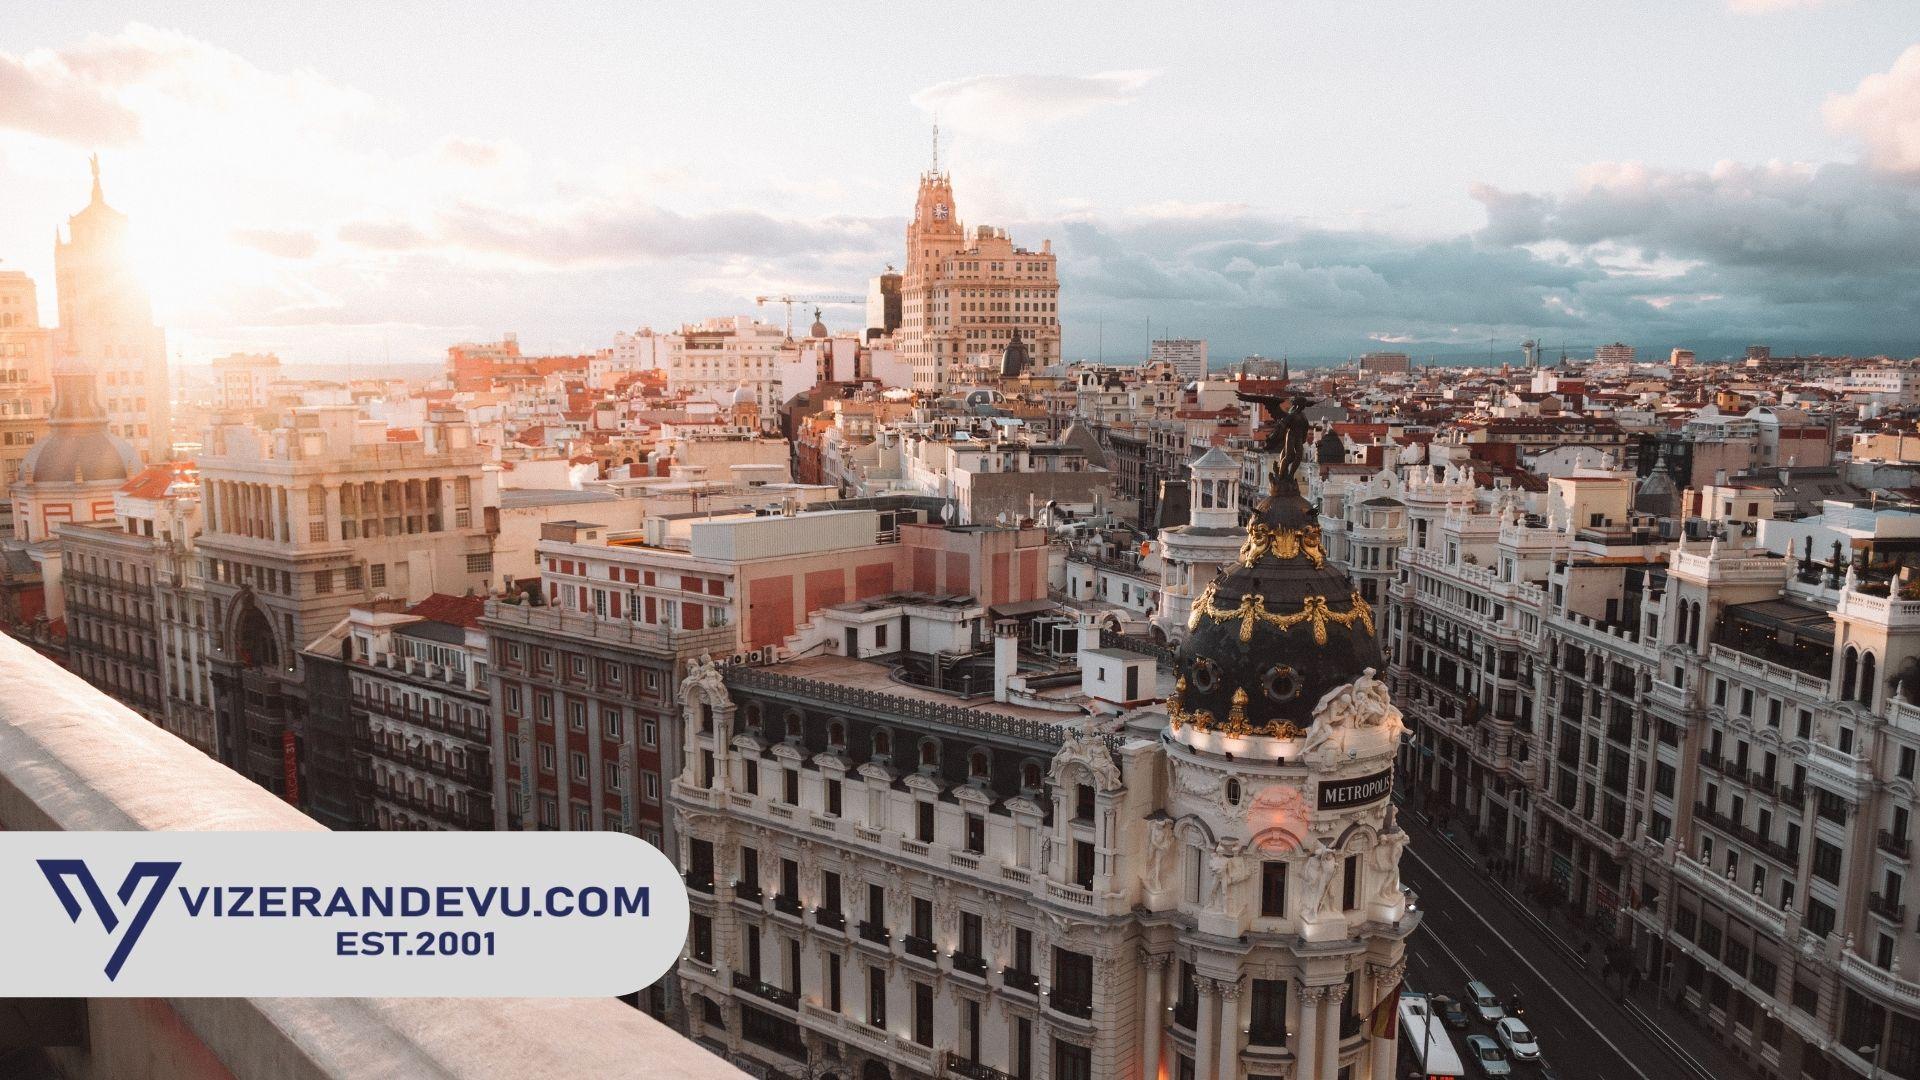 İspanya Vizesi: Randevu ve Başvuru (2021)